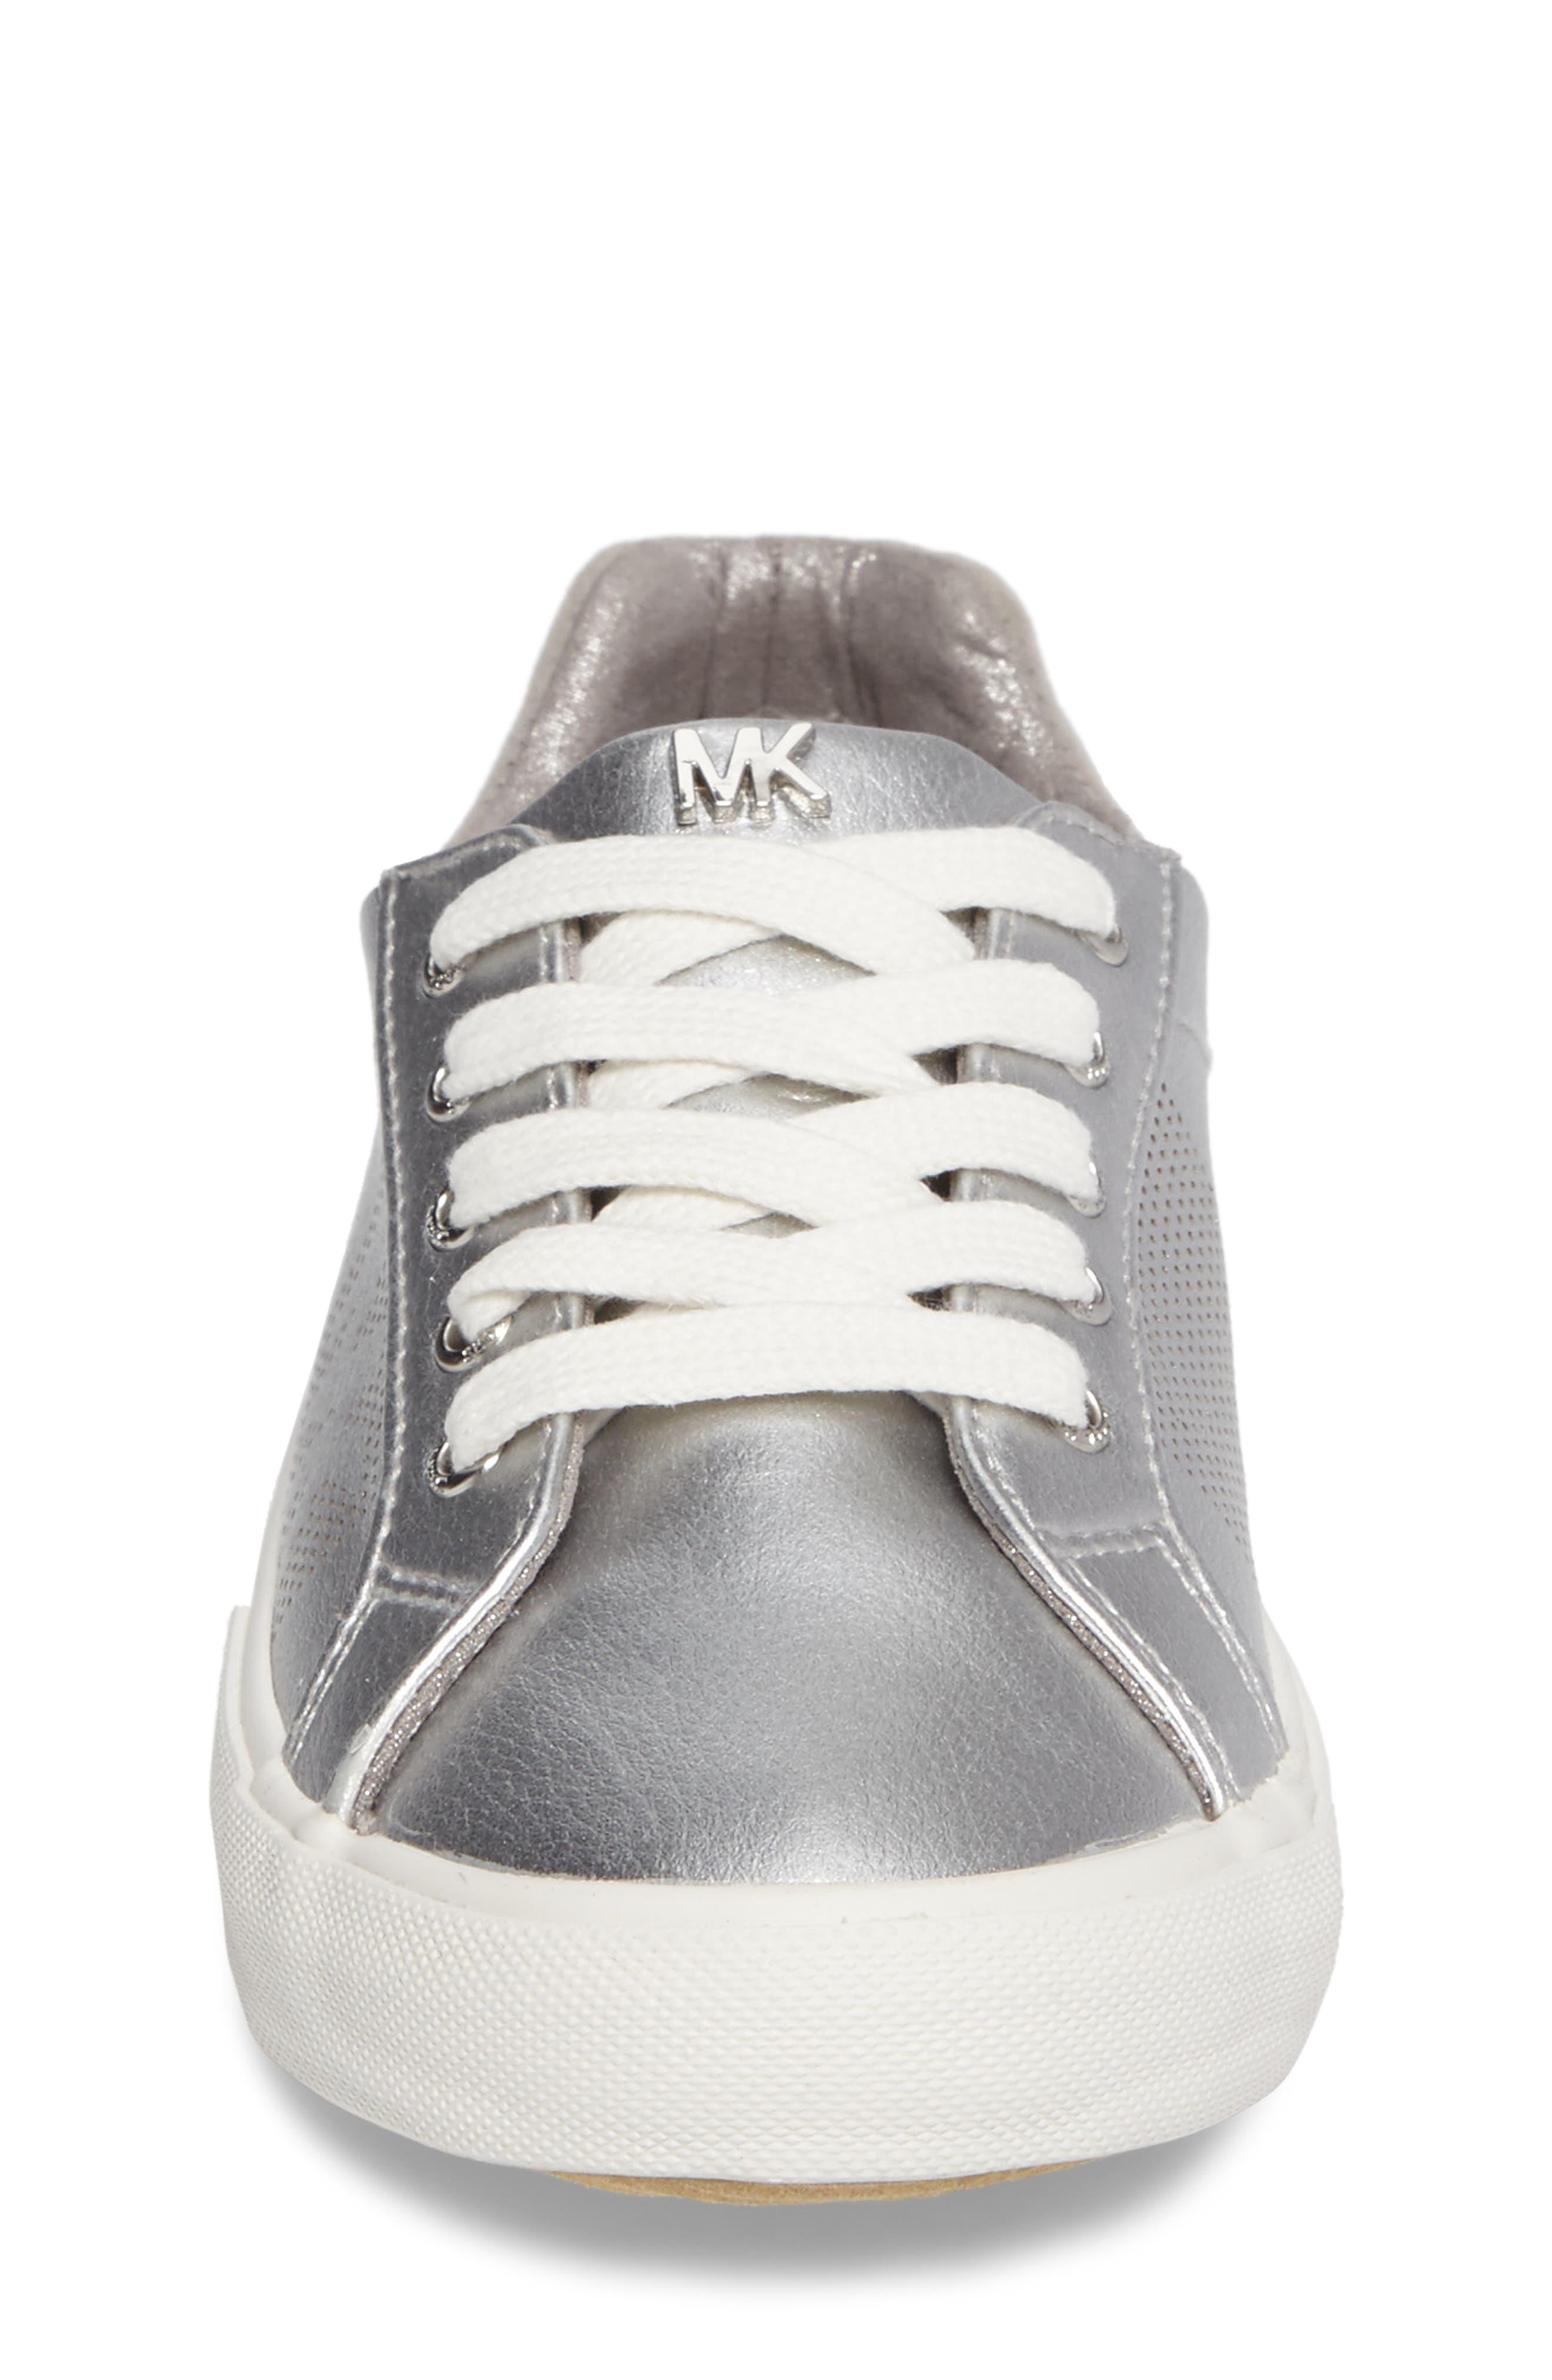 Ima Court Sneaker,                             Alternate thumbnail 4, color,                             040